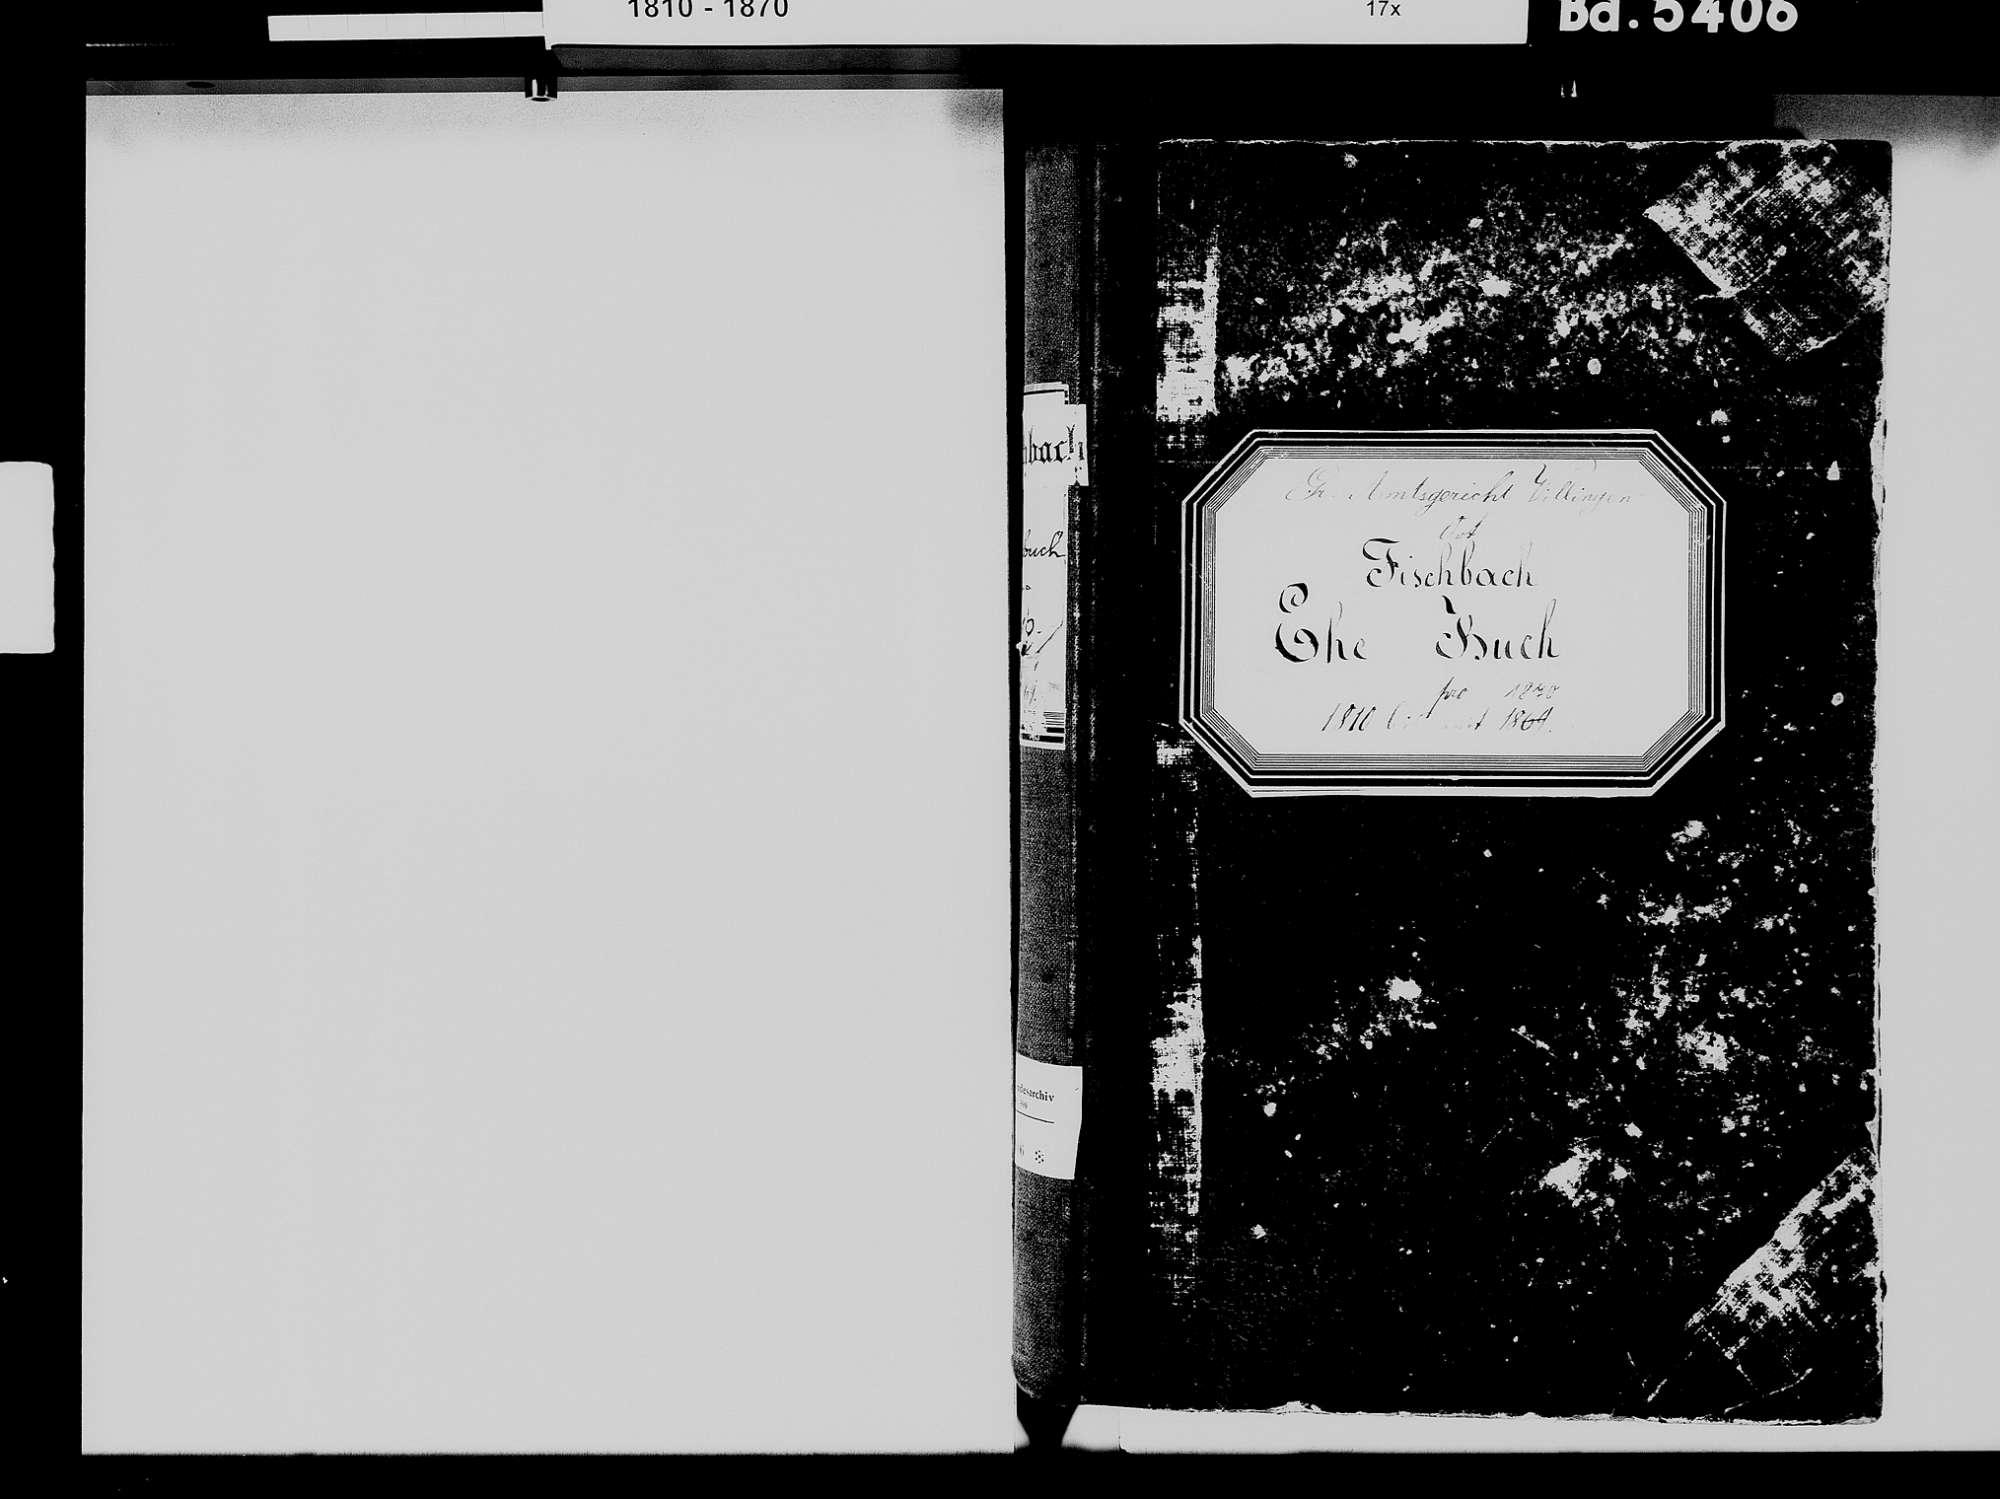 Fischbach, Niedereschach VS; Katholische Gemeinde: Heiratsbuch 1811-1870 Fischbach, Niedereschach VS; Katholische Gemeinde: Sterbebuch 1815-1816, 1846, 1851, Bild 3